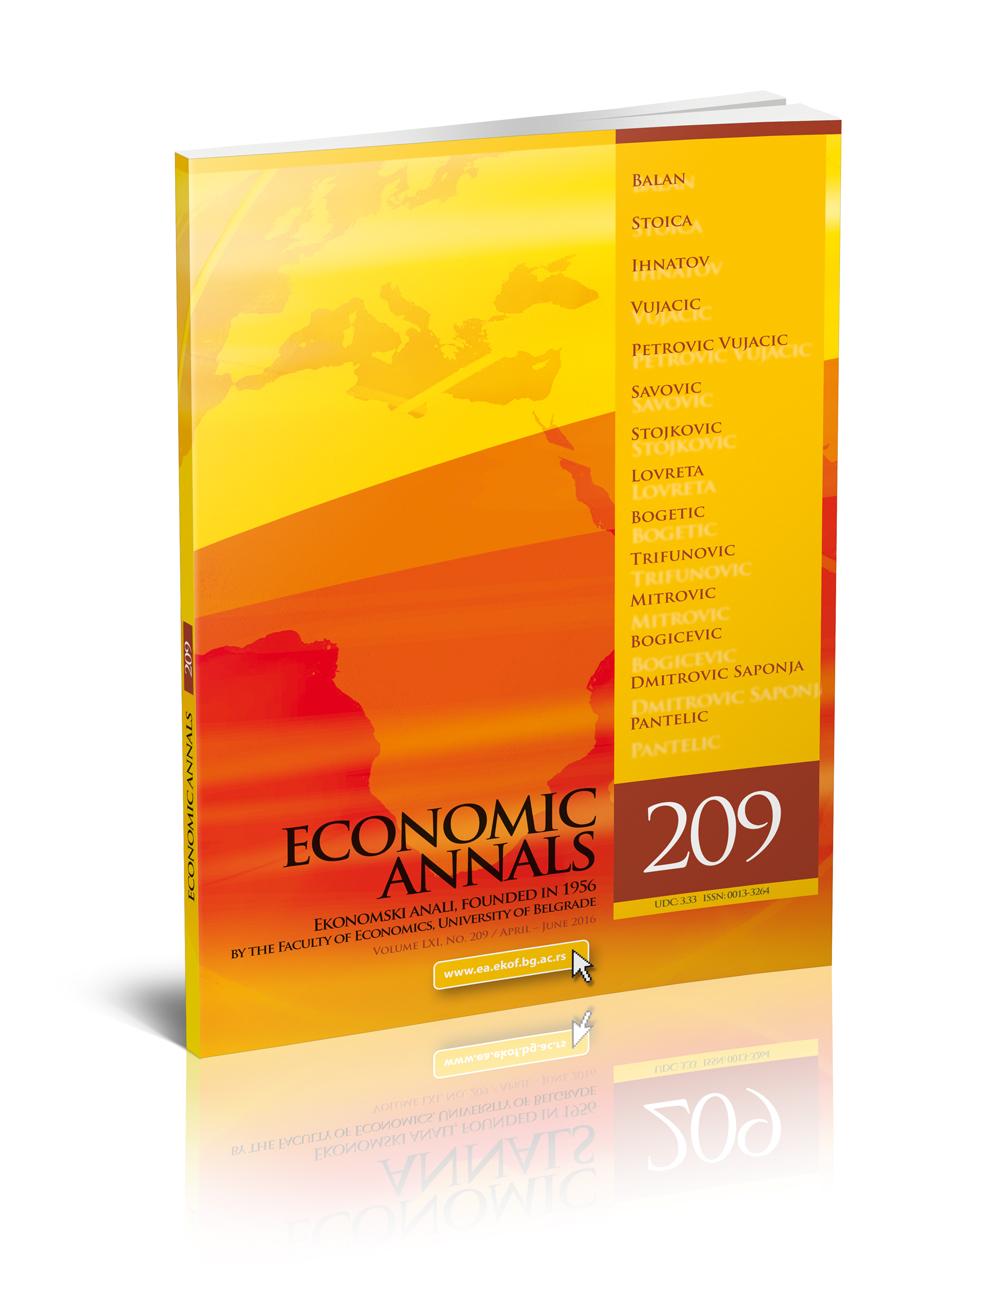 Ekonomski anali 209_korica 3D